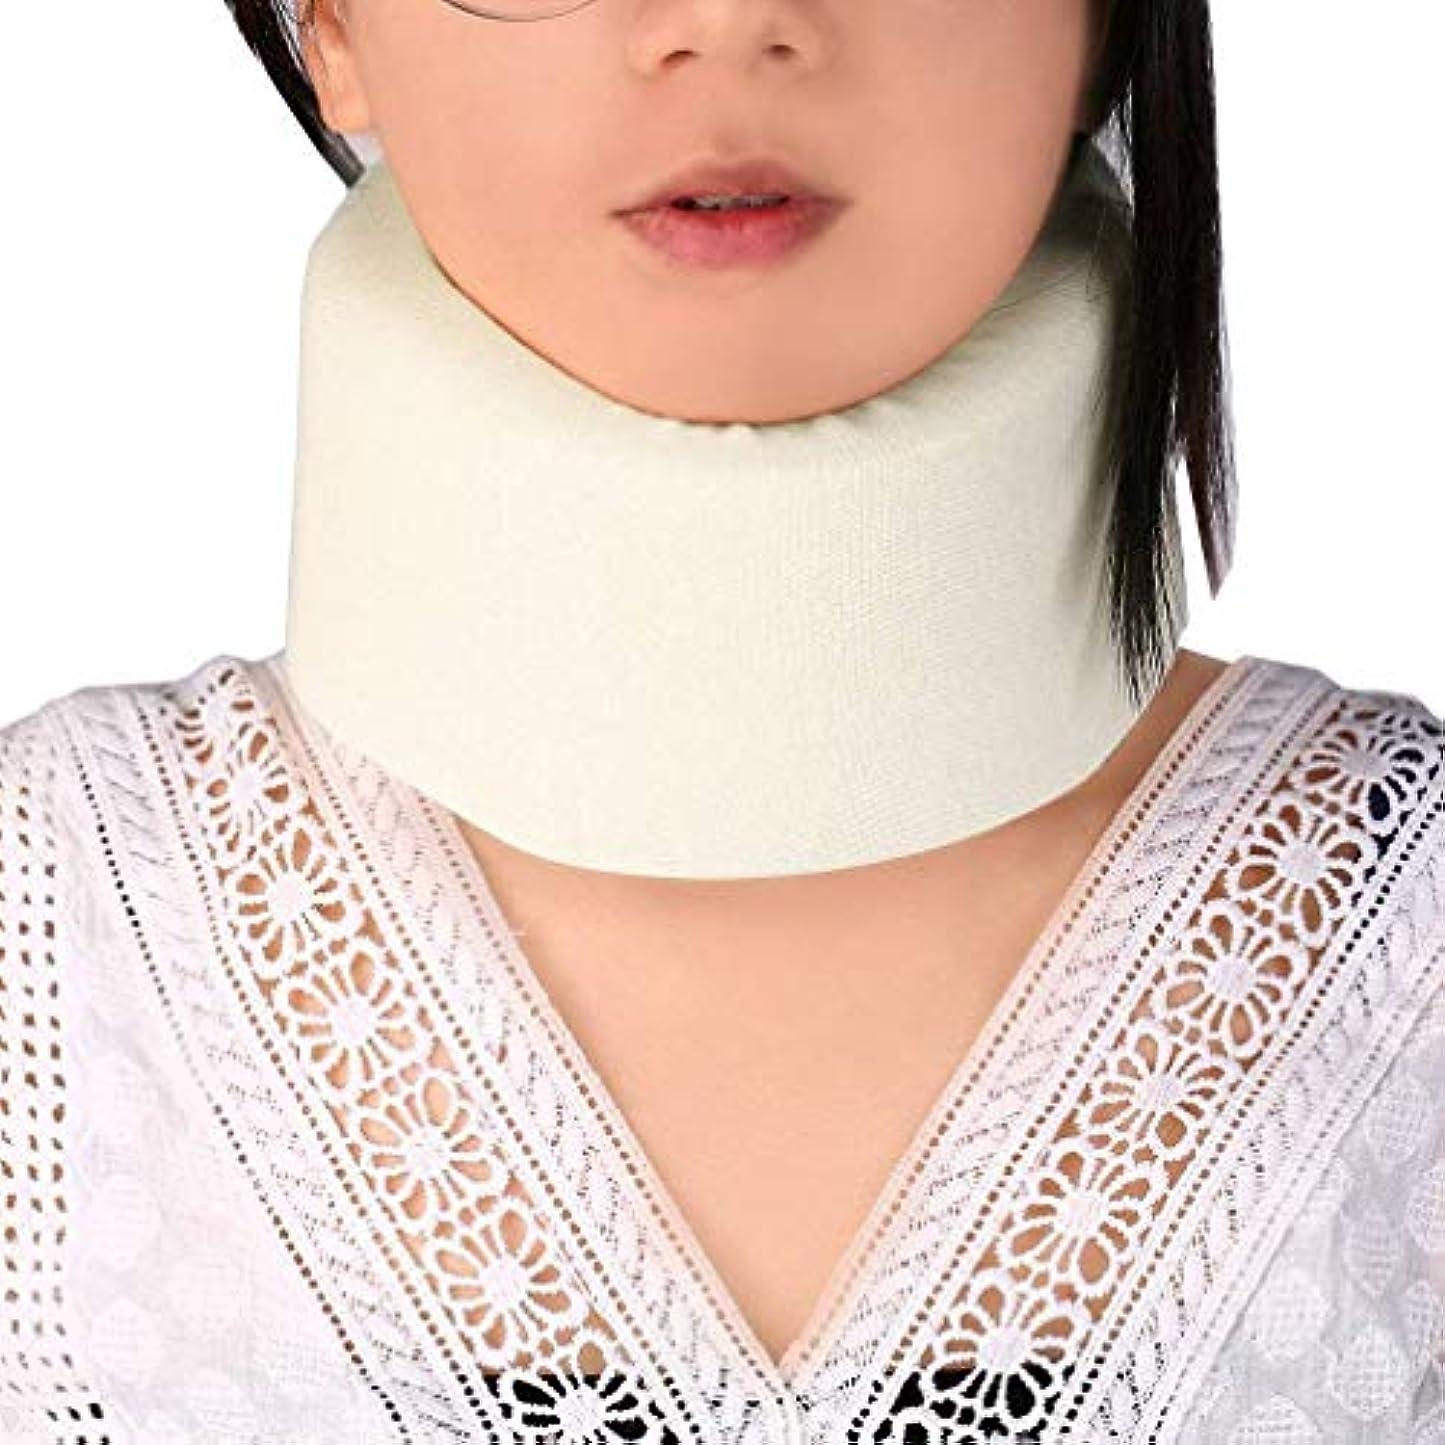 放課後信頼ルネッサンスOral Dentistry 首 サポーター ソフト 頸椎 首こり ソフト頸椎カラー 肩の痛みの軽減 着脱 簡単 男女兼用 ホワイト